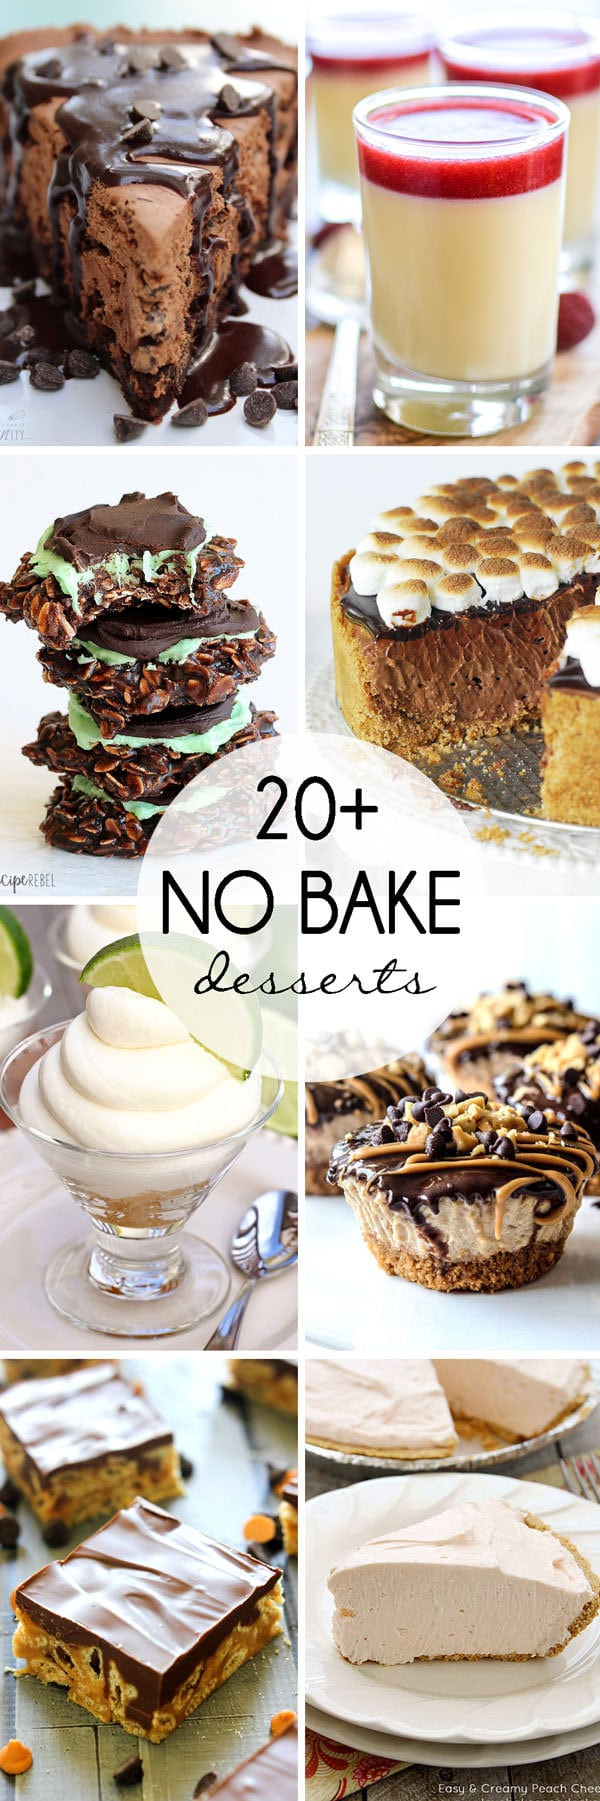 Summer No Bake Desserts  20 No Bake Desserts